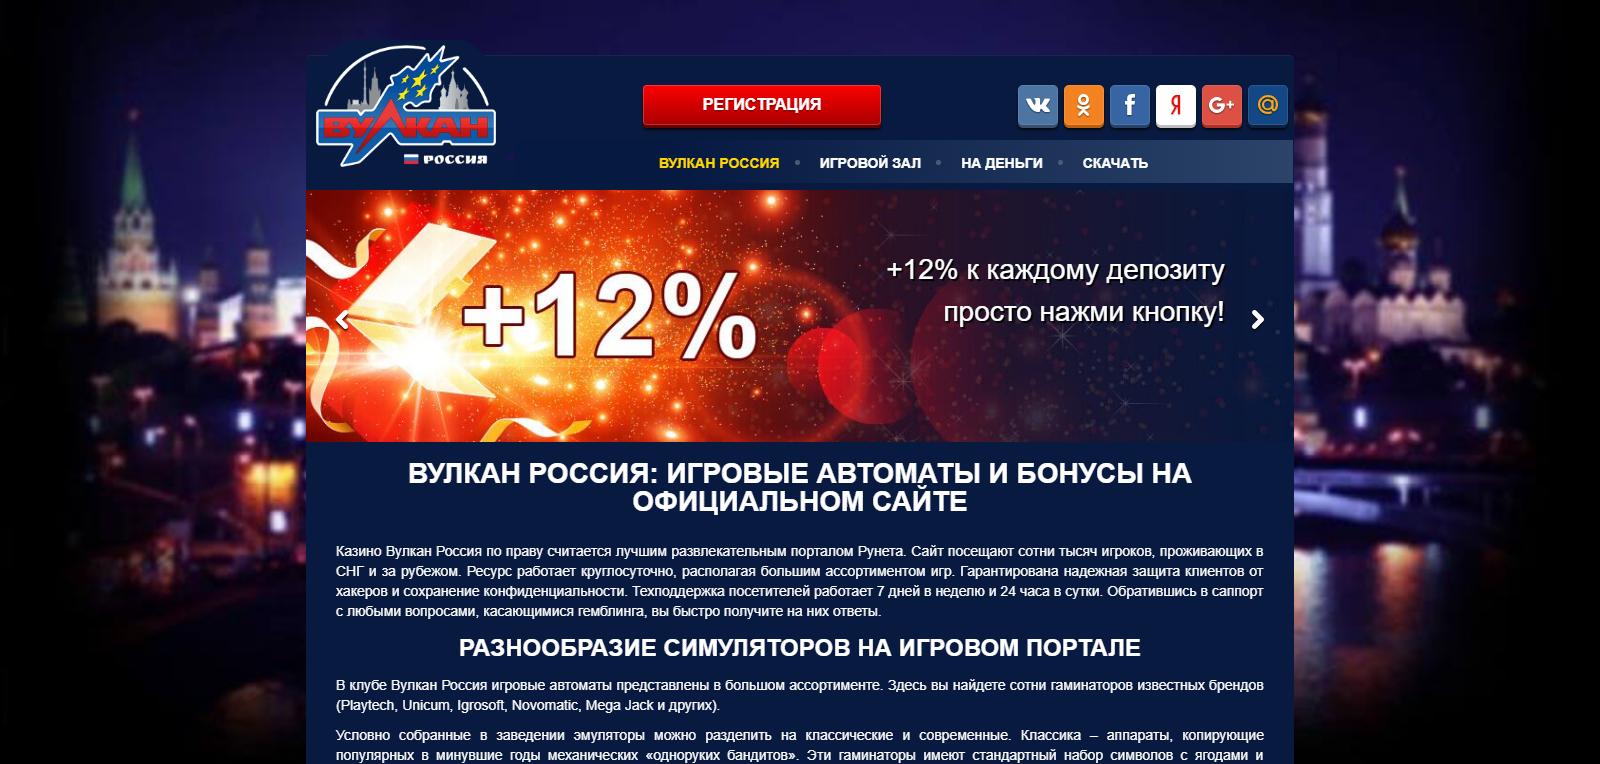 казино vulkan russia вход доступ